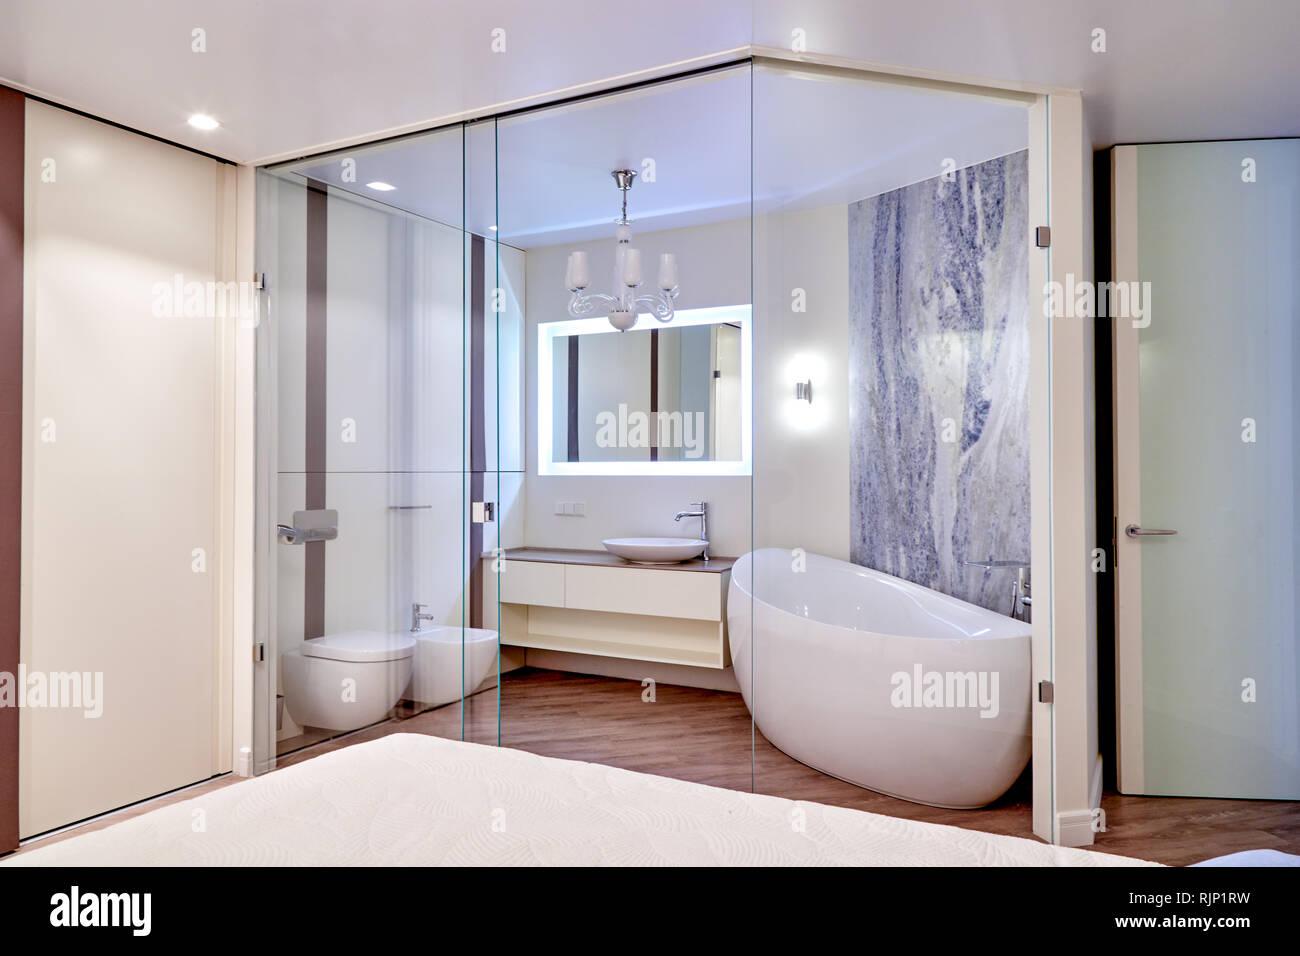 Bagno In Camera Con Vetrata : Appartamento di lusso con camera da letto e stanza da bagno con